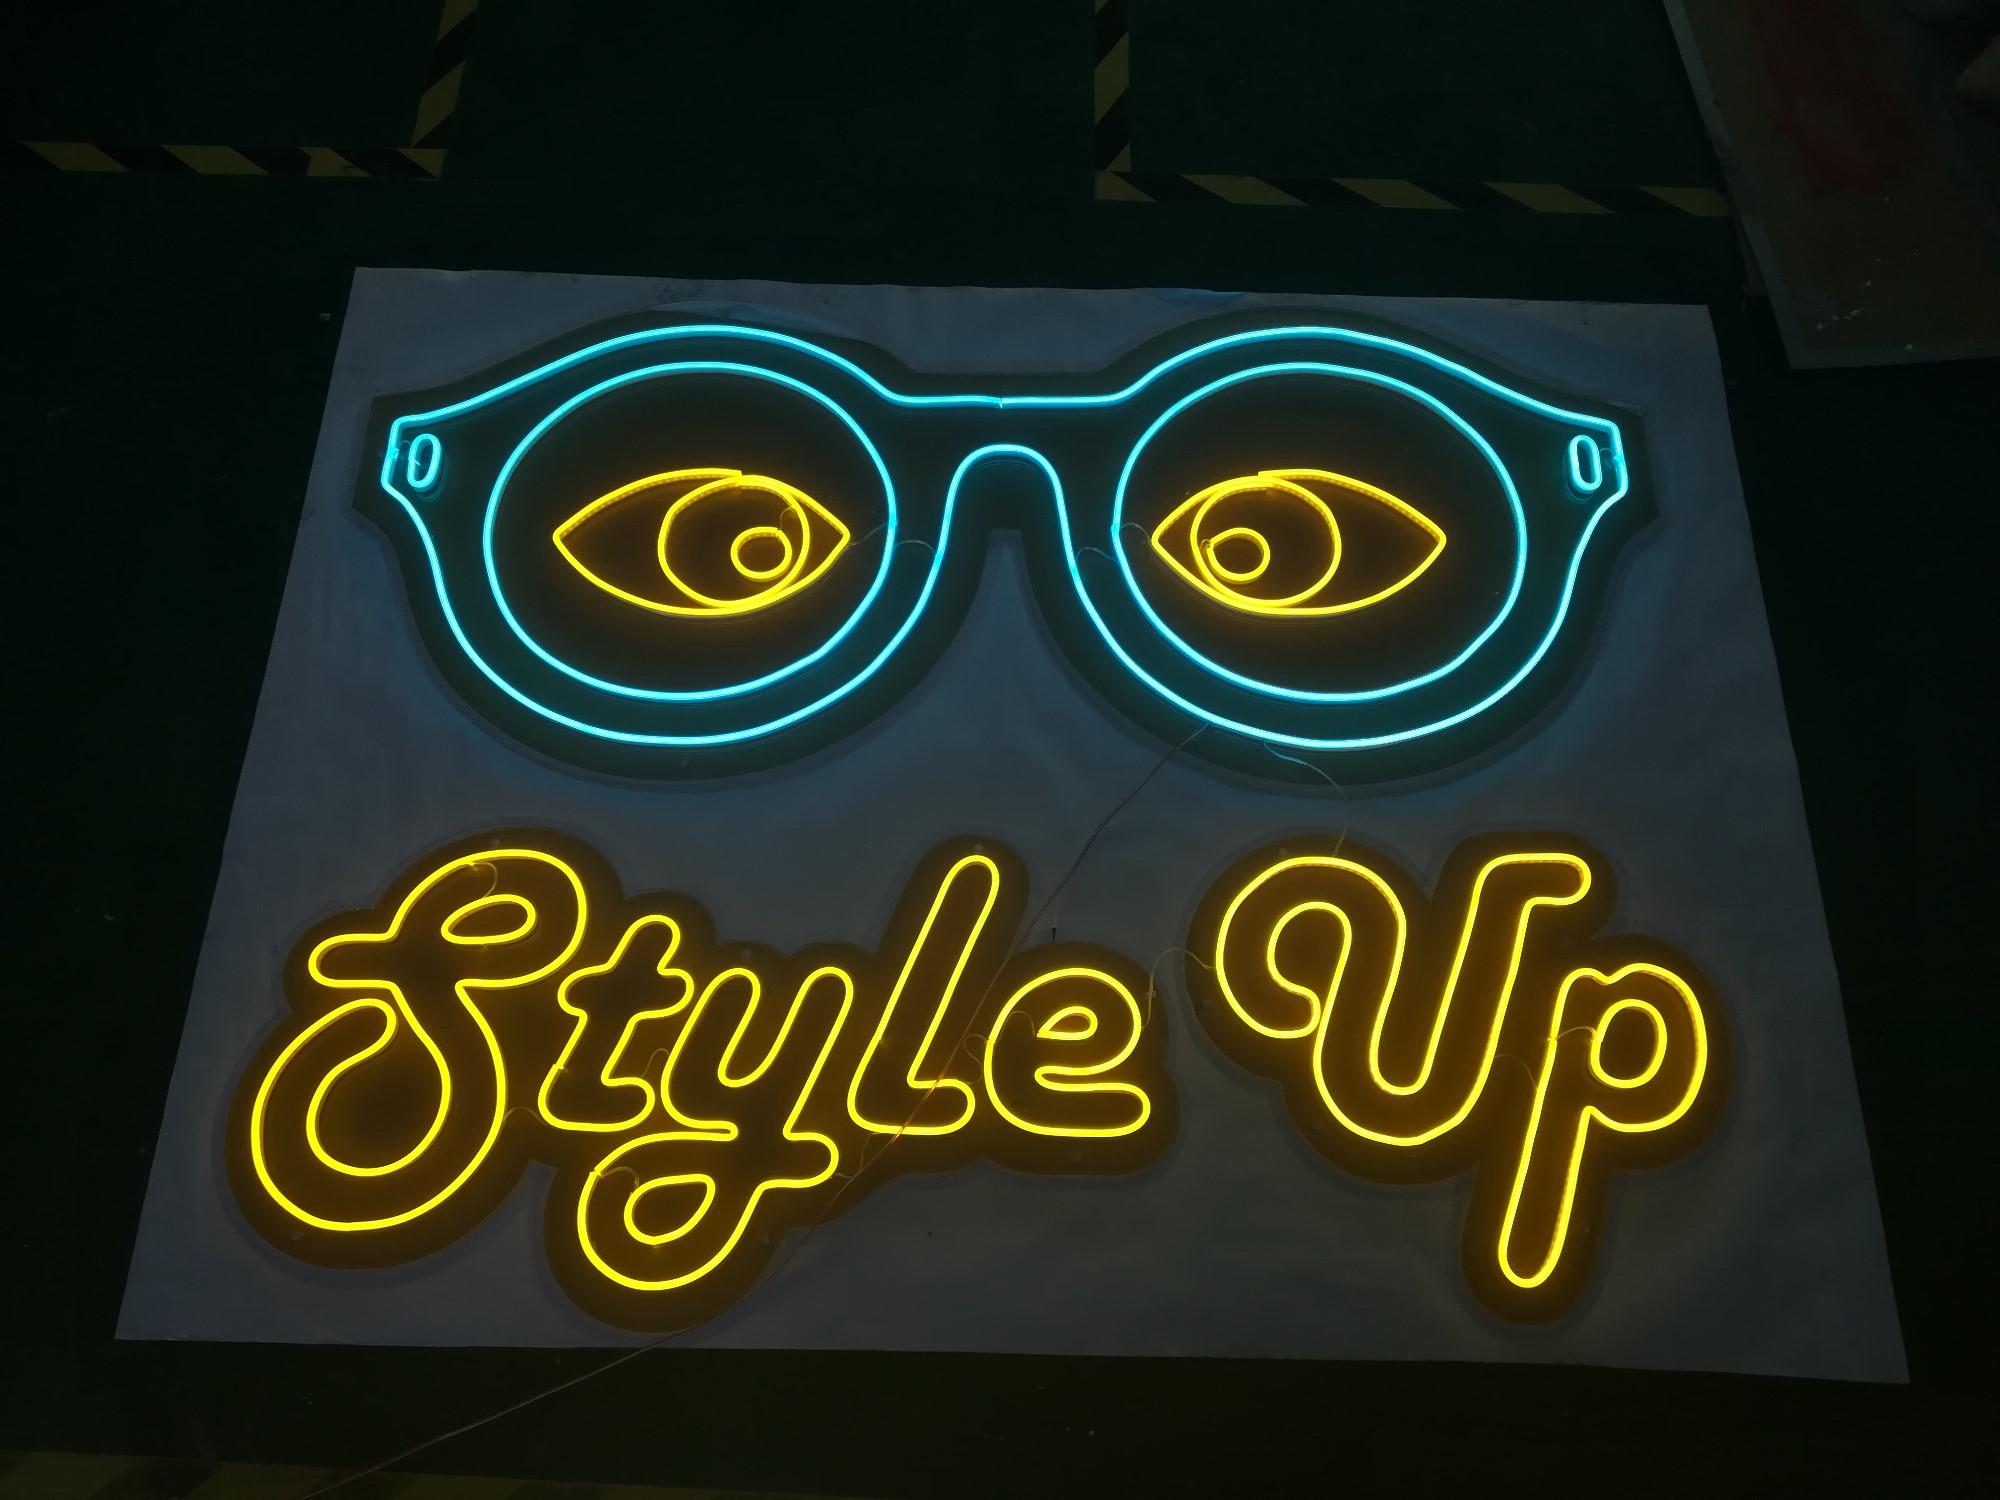 Free Design Led Neon Backlit Light Letter Sign Manufacturers, Free Design Led Neon Backlit Light Letter Sign Factory, Supply Free Design Led Neon Backlit Light Letter Sign